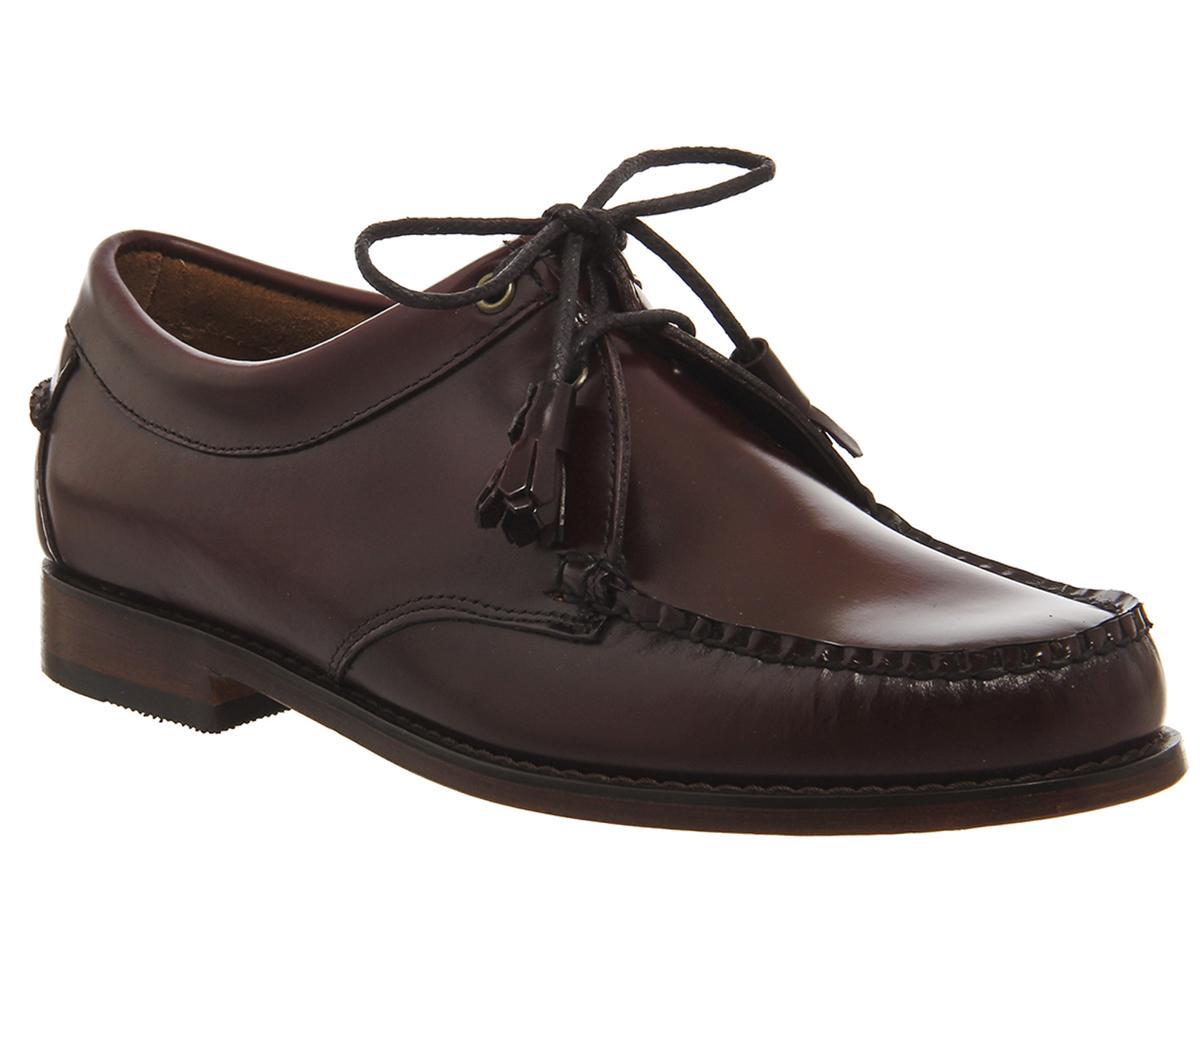 Weejun Tie Shoe